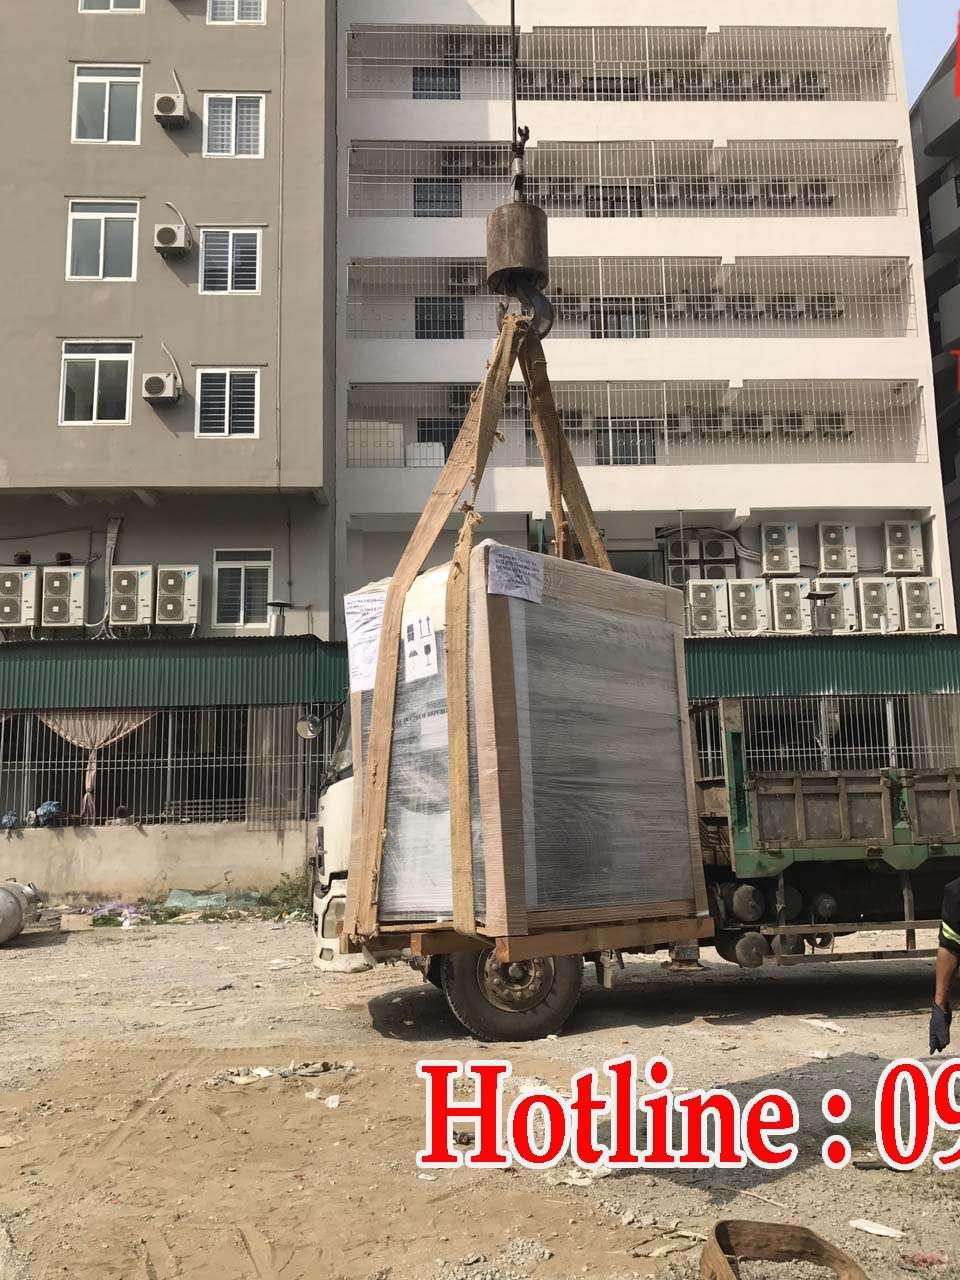 dd4da44e9bdc798220cd - Dự án lắp đặt hệ thống giặt là tại khách sạn Sầm Sơn - Thanh Hóa